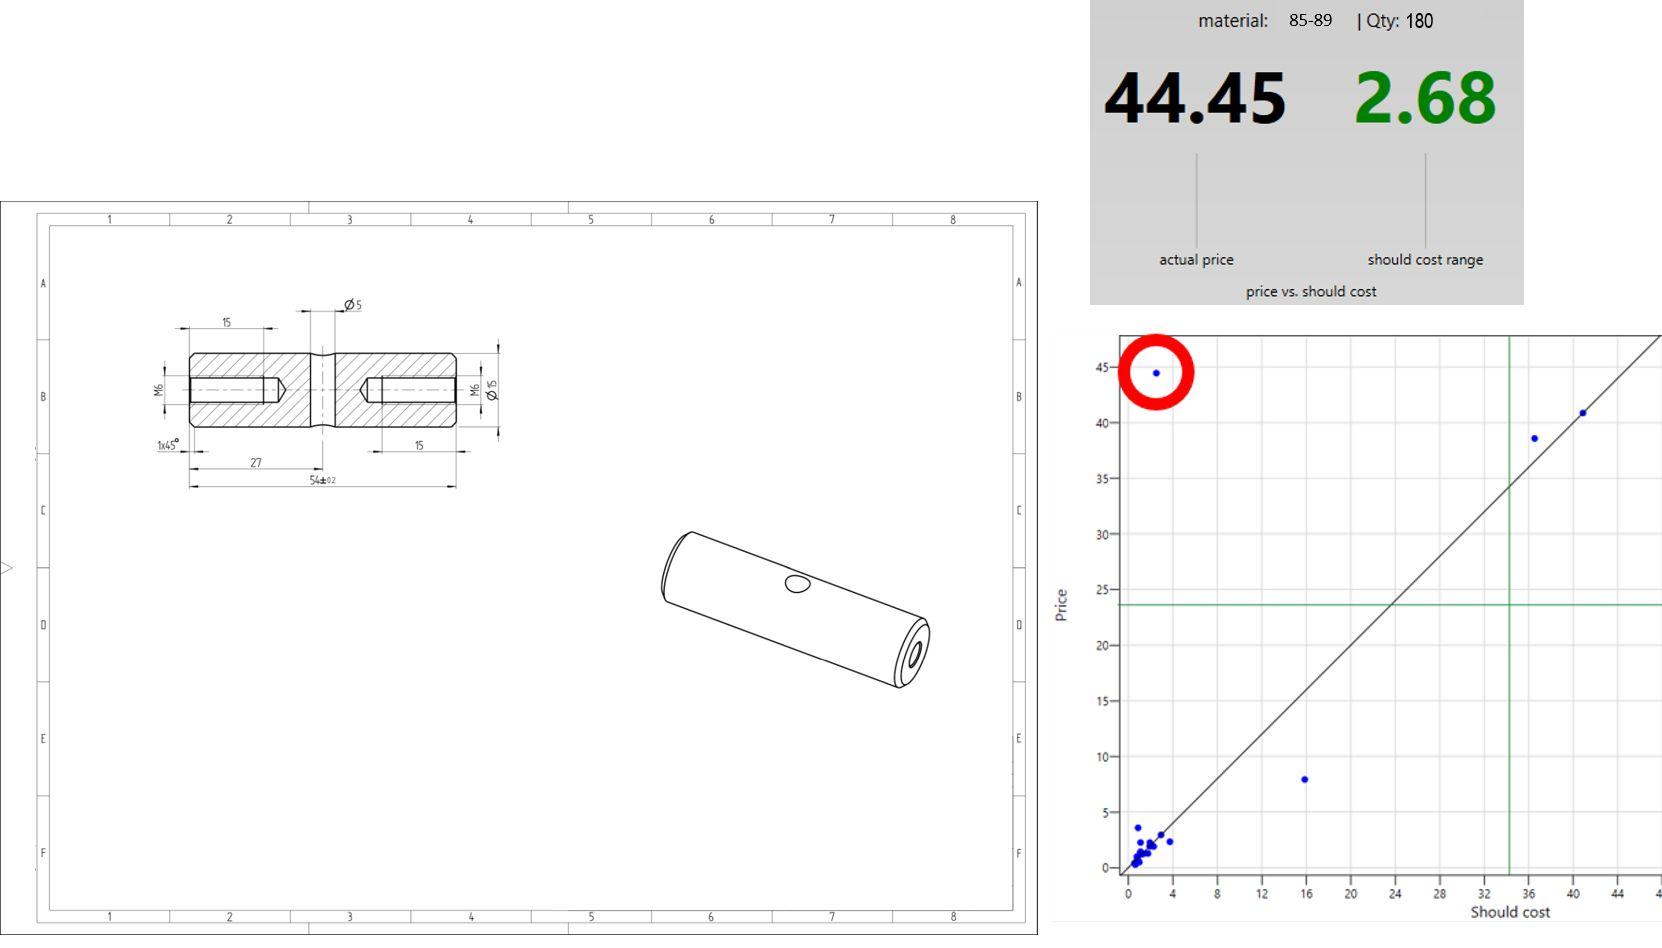 Beispiel für einen Prototypenpreis eines Bauteils, welches in den Stückzahlen gestiegen ist.